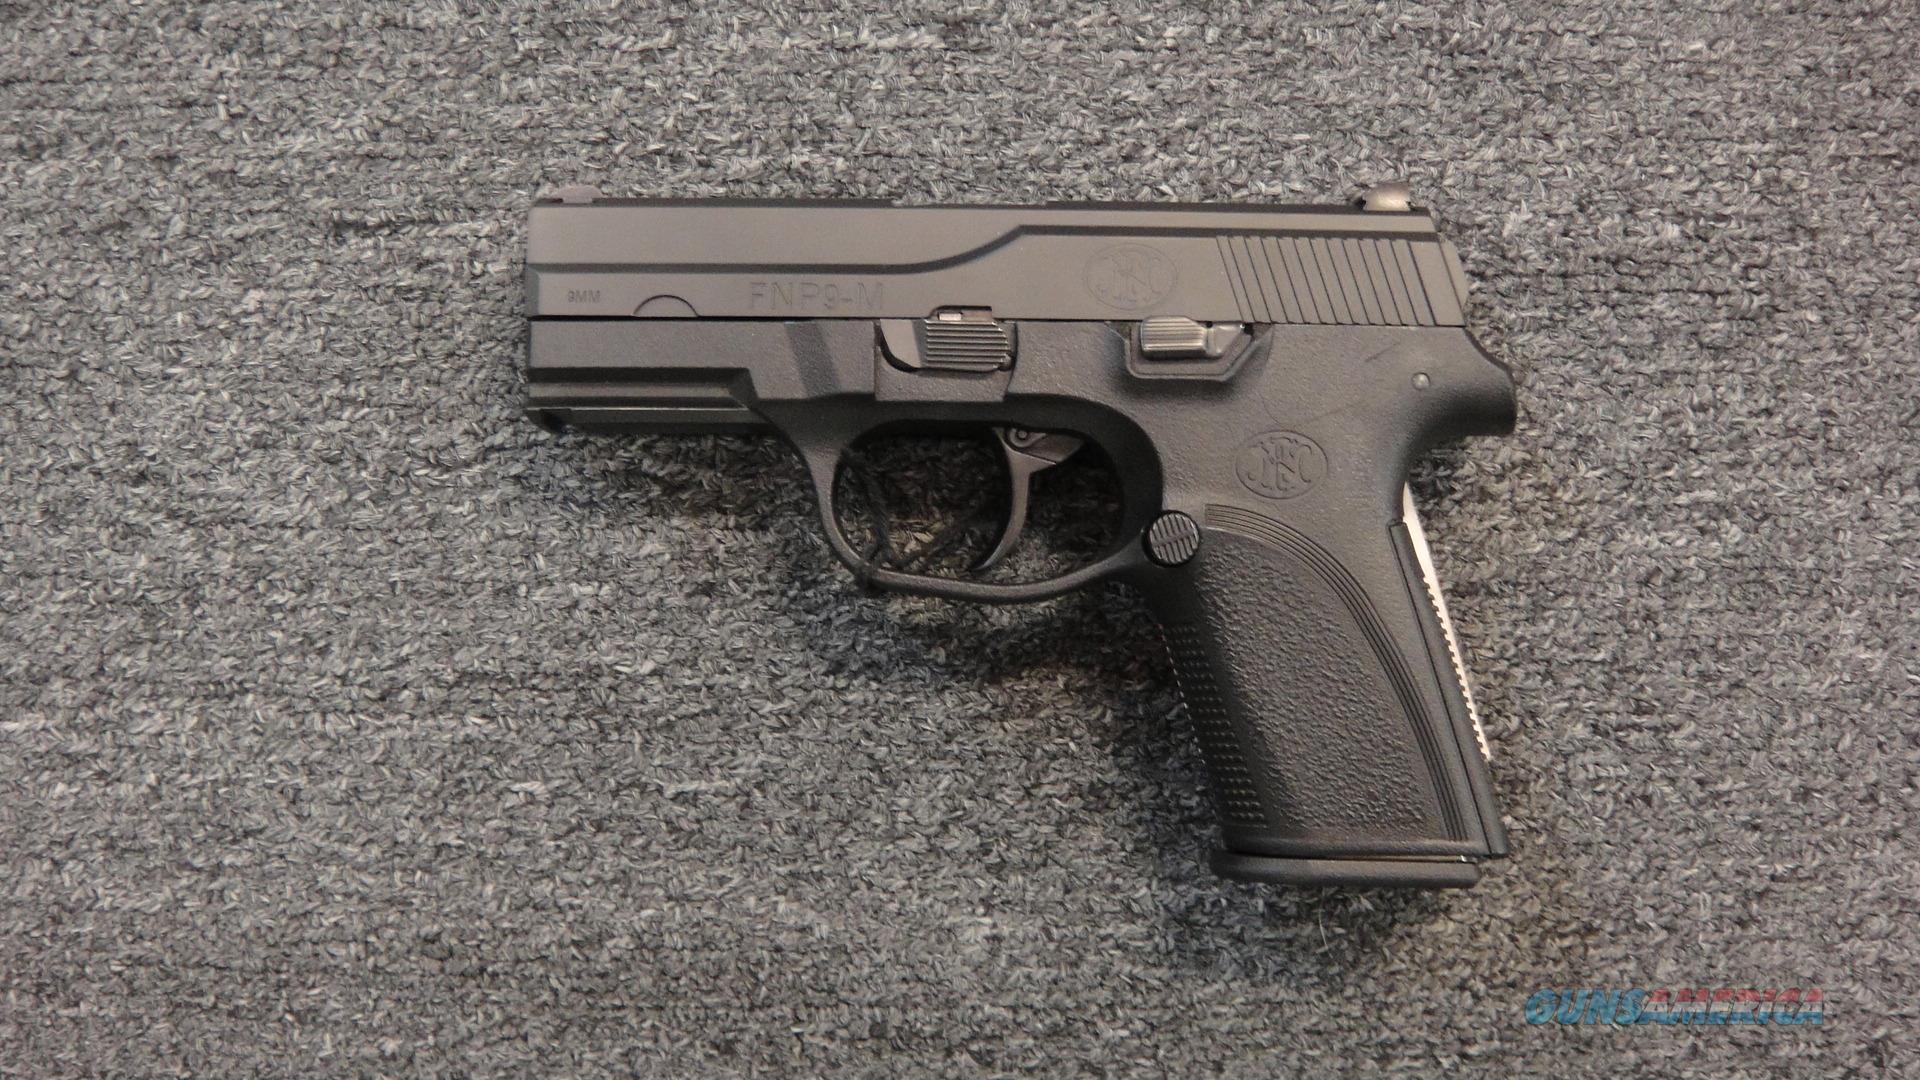 FNH FNP9-M (store demo)  Guns > Pistols > FNH - Fabrique Nationale (FN) Pistols > FNP